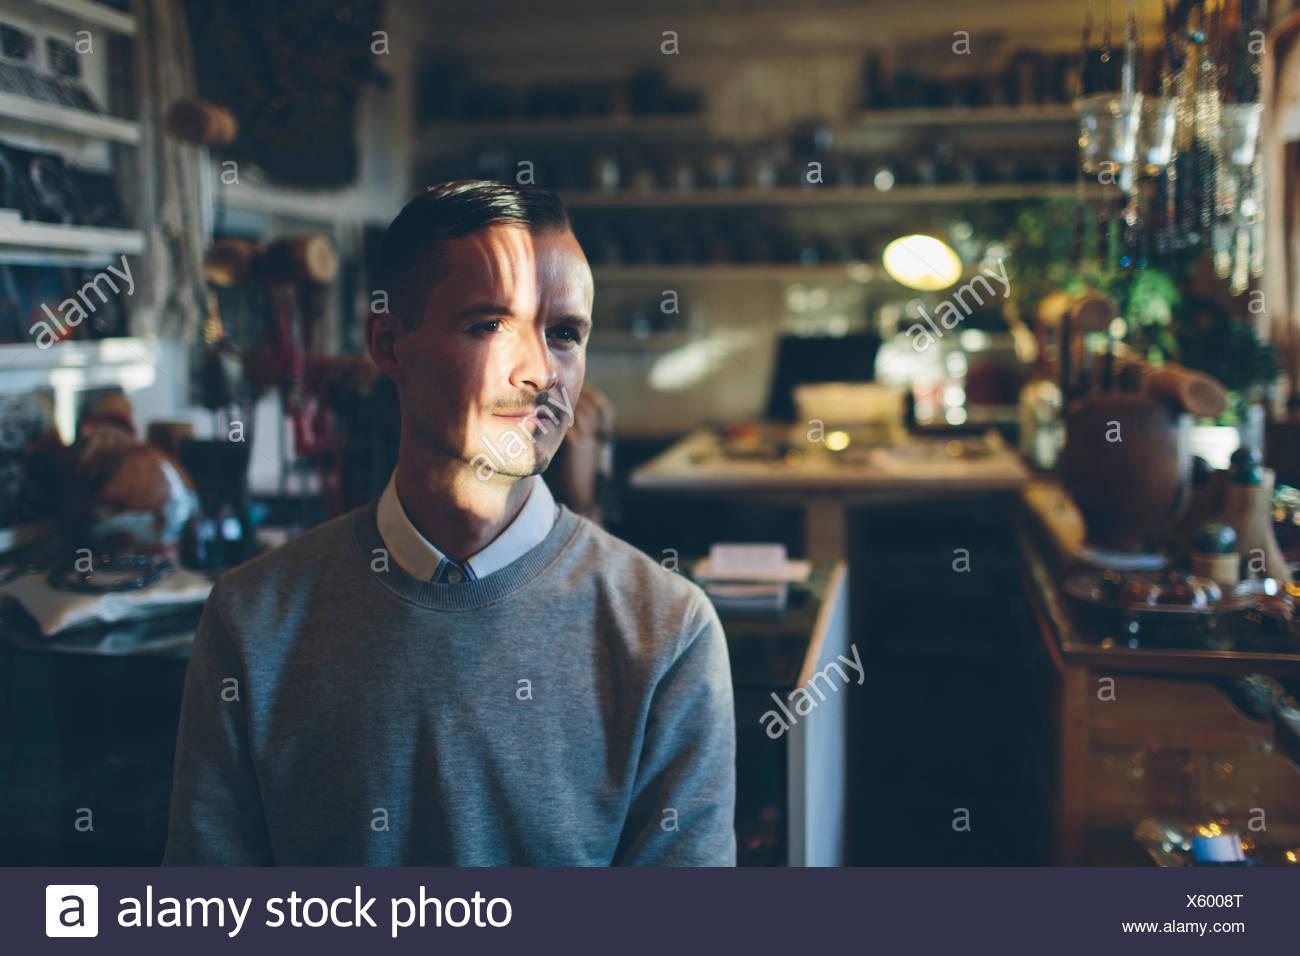 Un joyero en su tienda Imagen De Stock